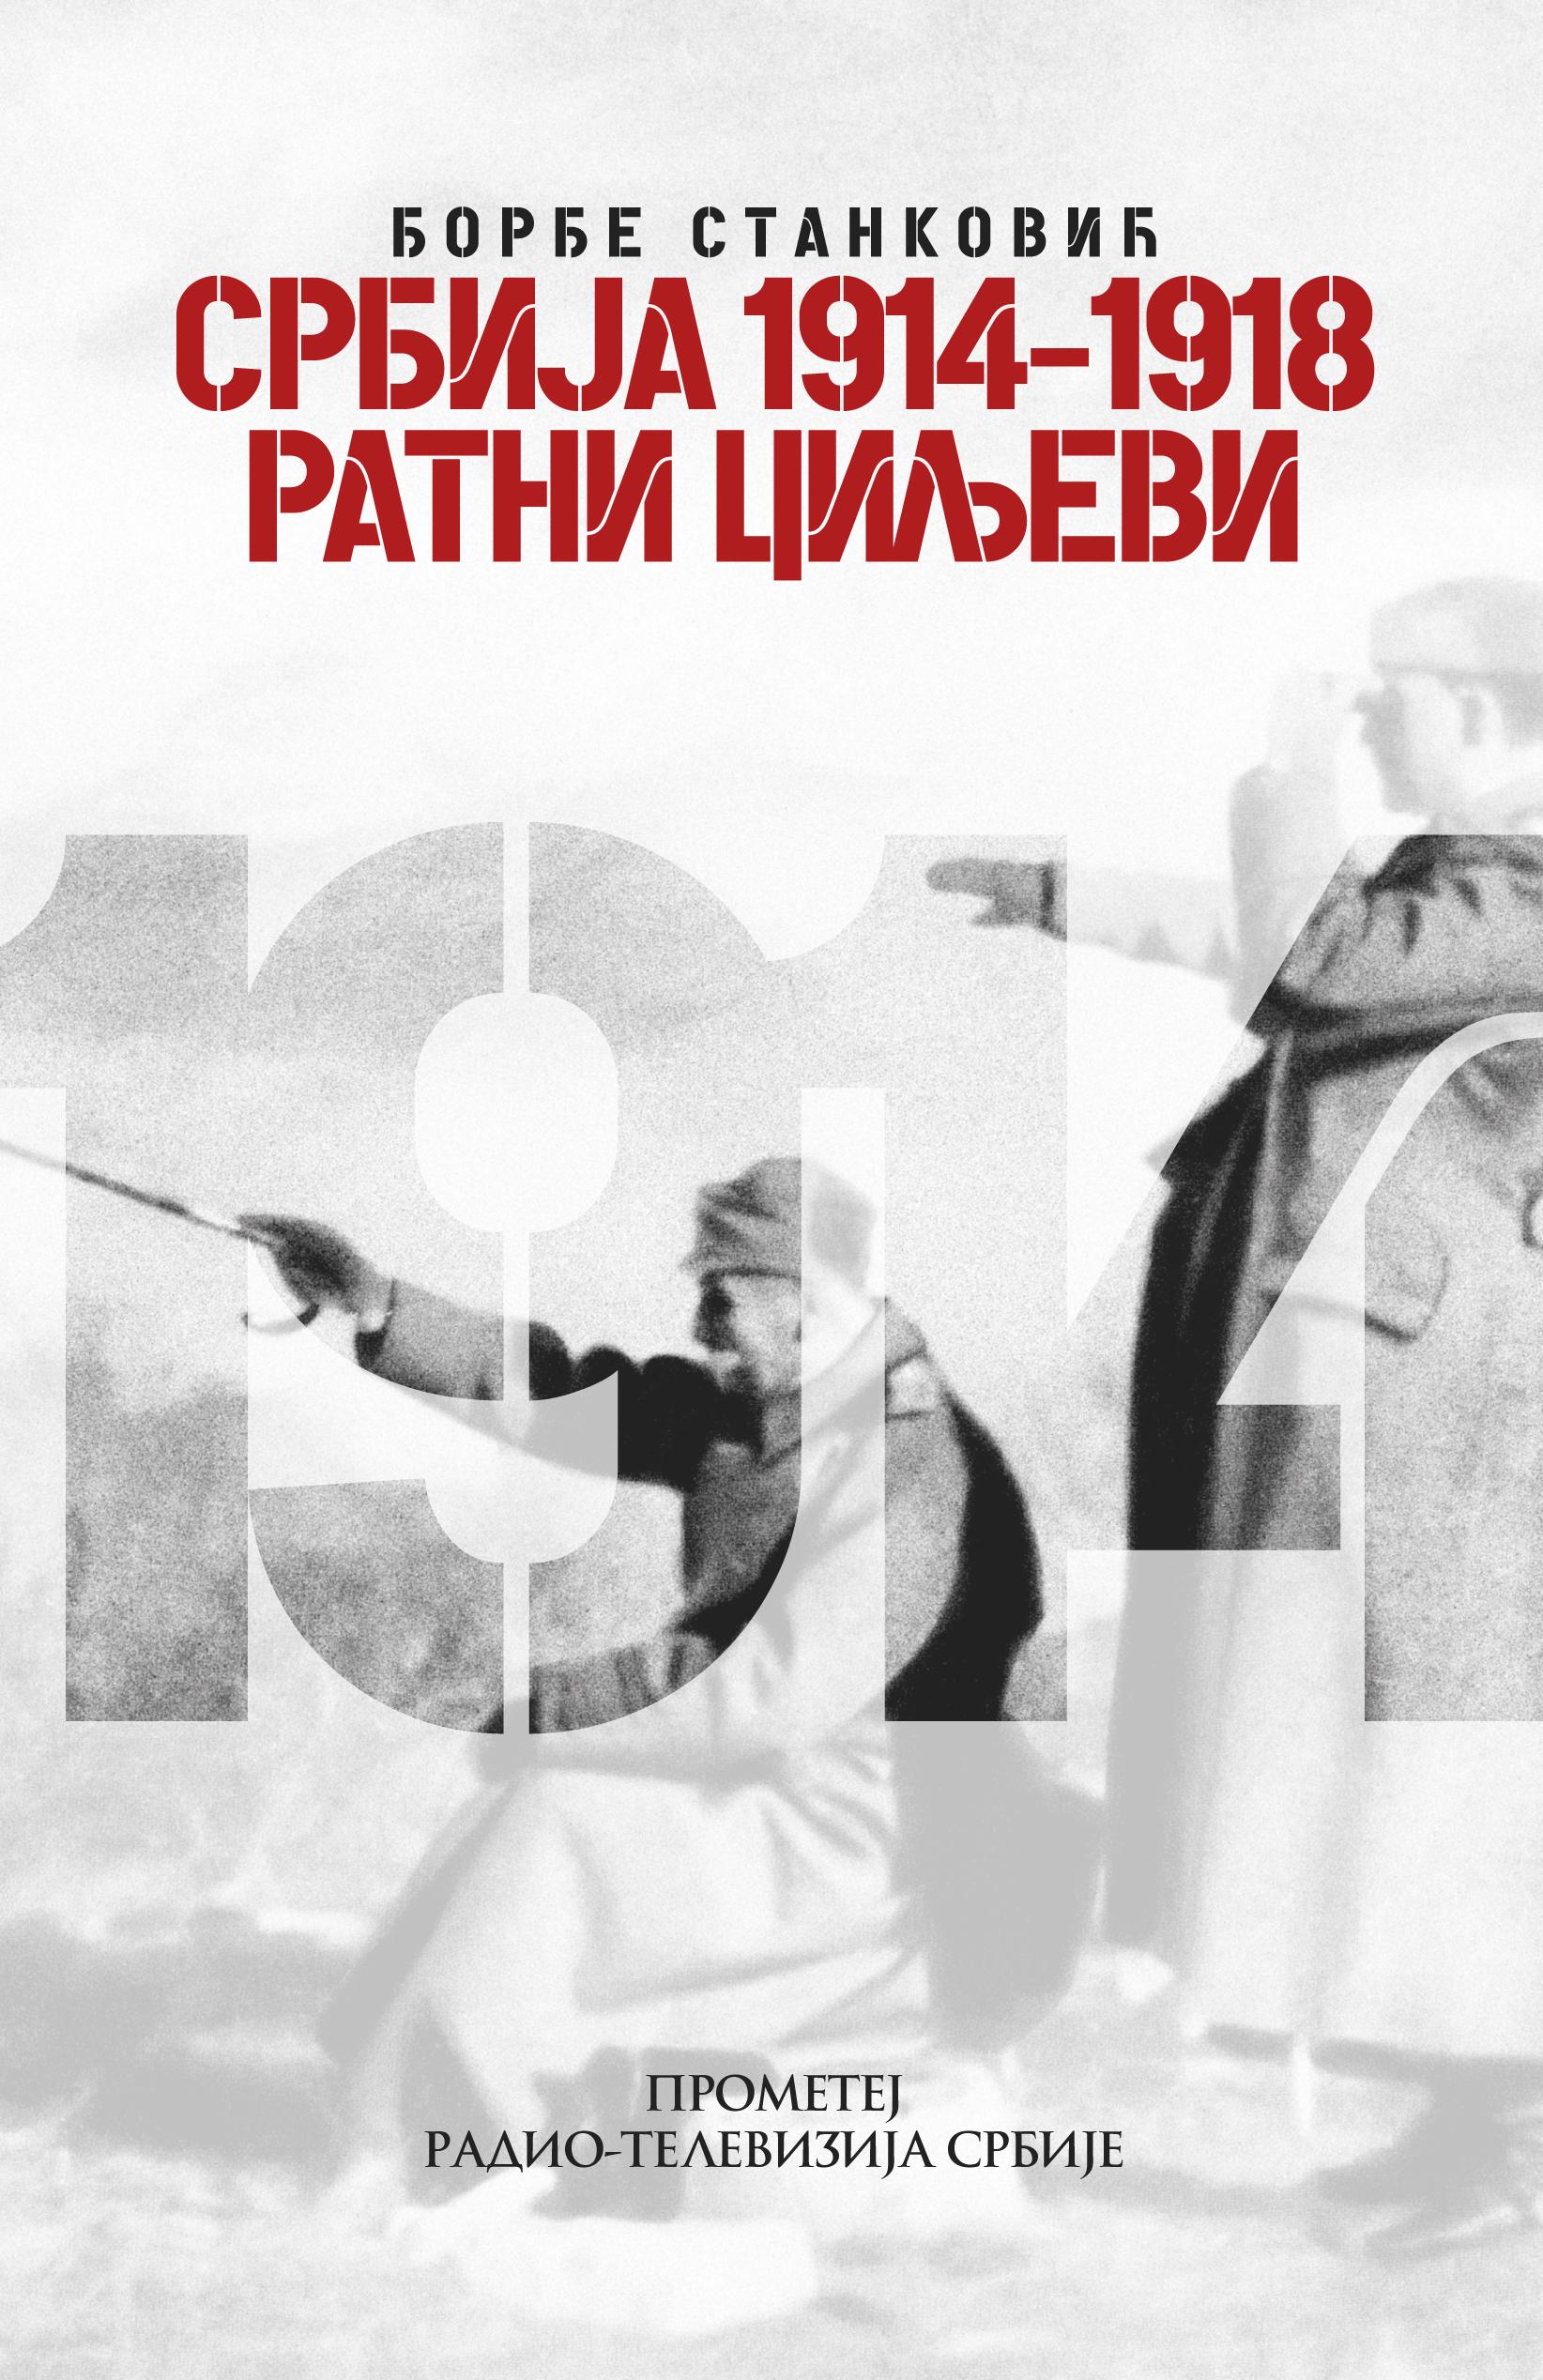 Ратни циљеви Србије